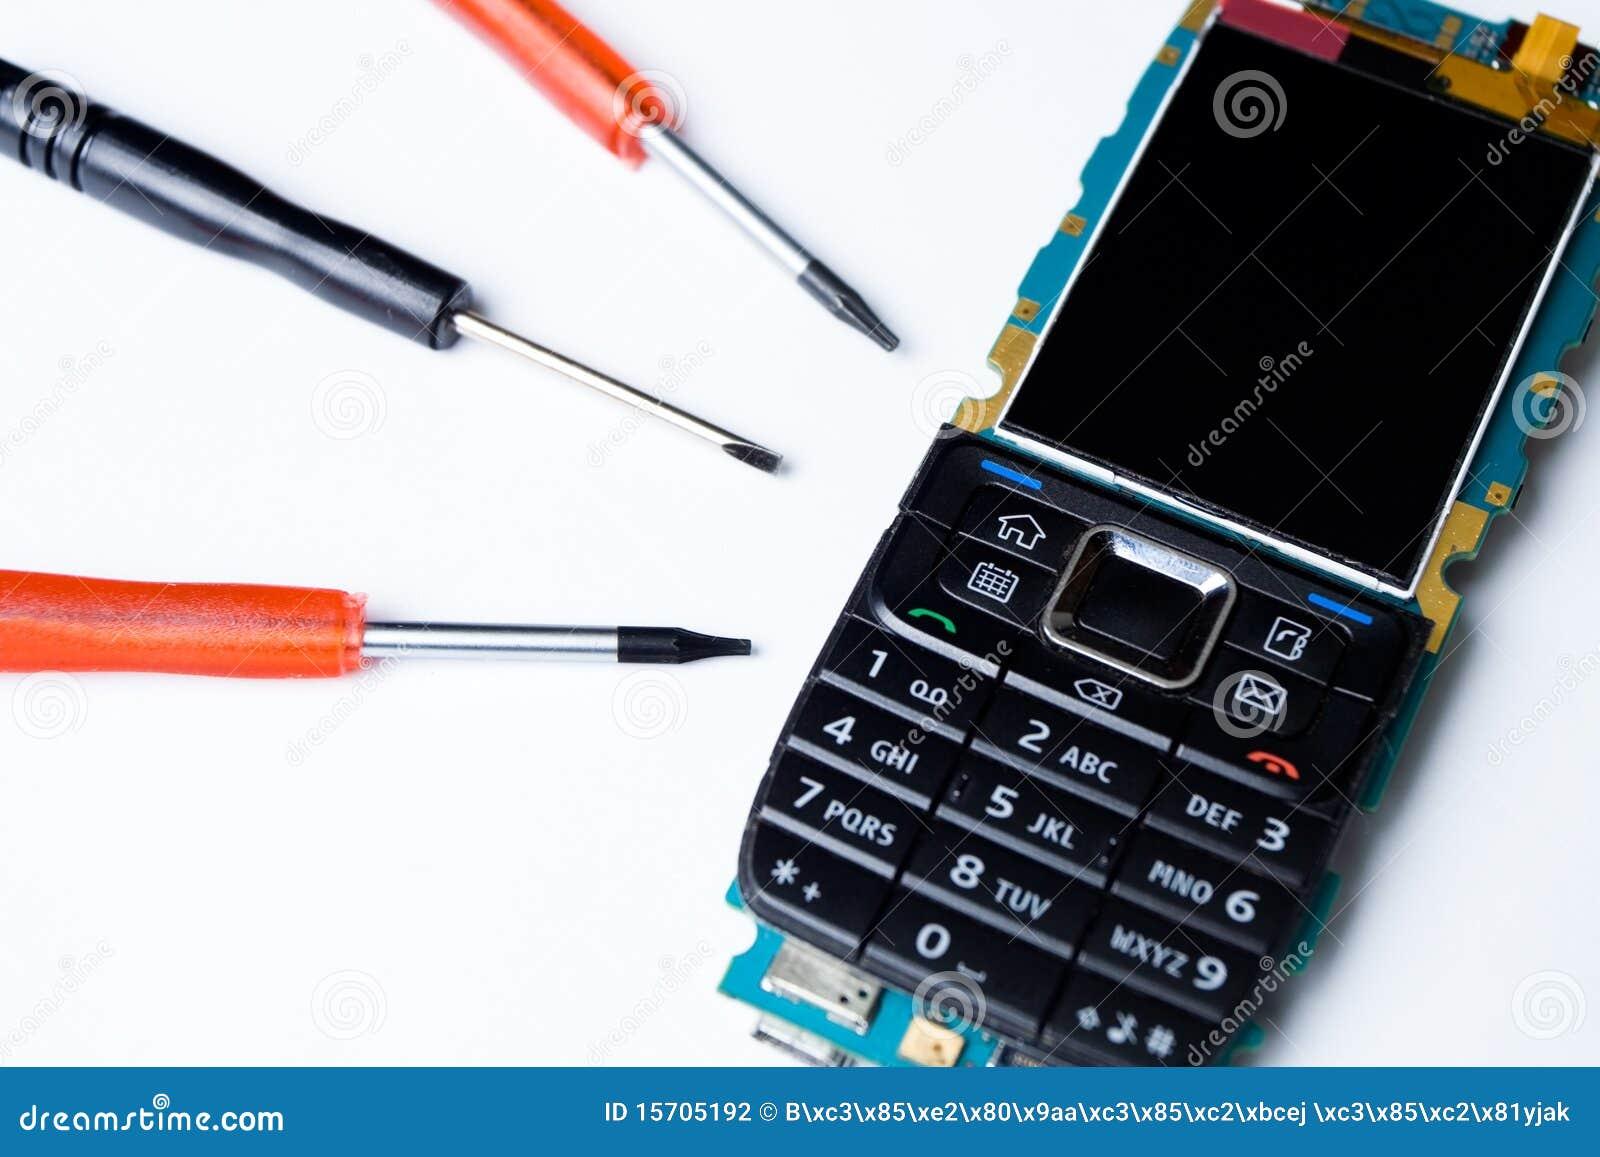 MOBILE PHONE REPAIR MANUAL EBOOK